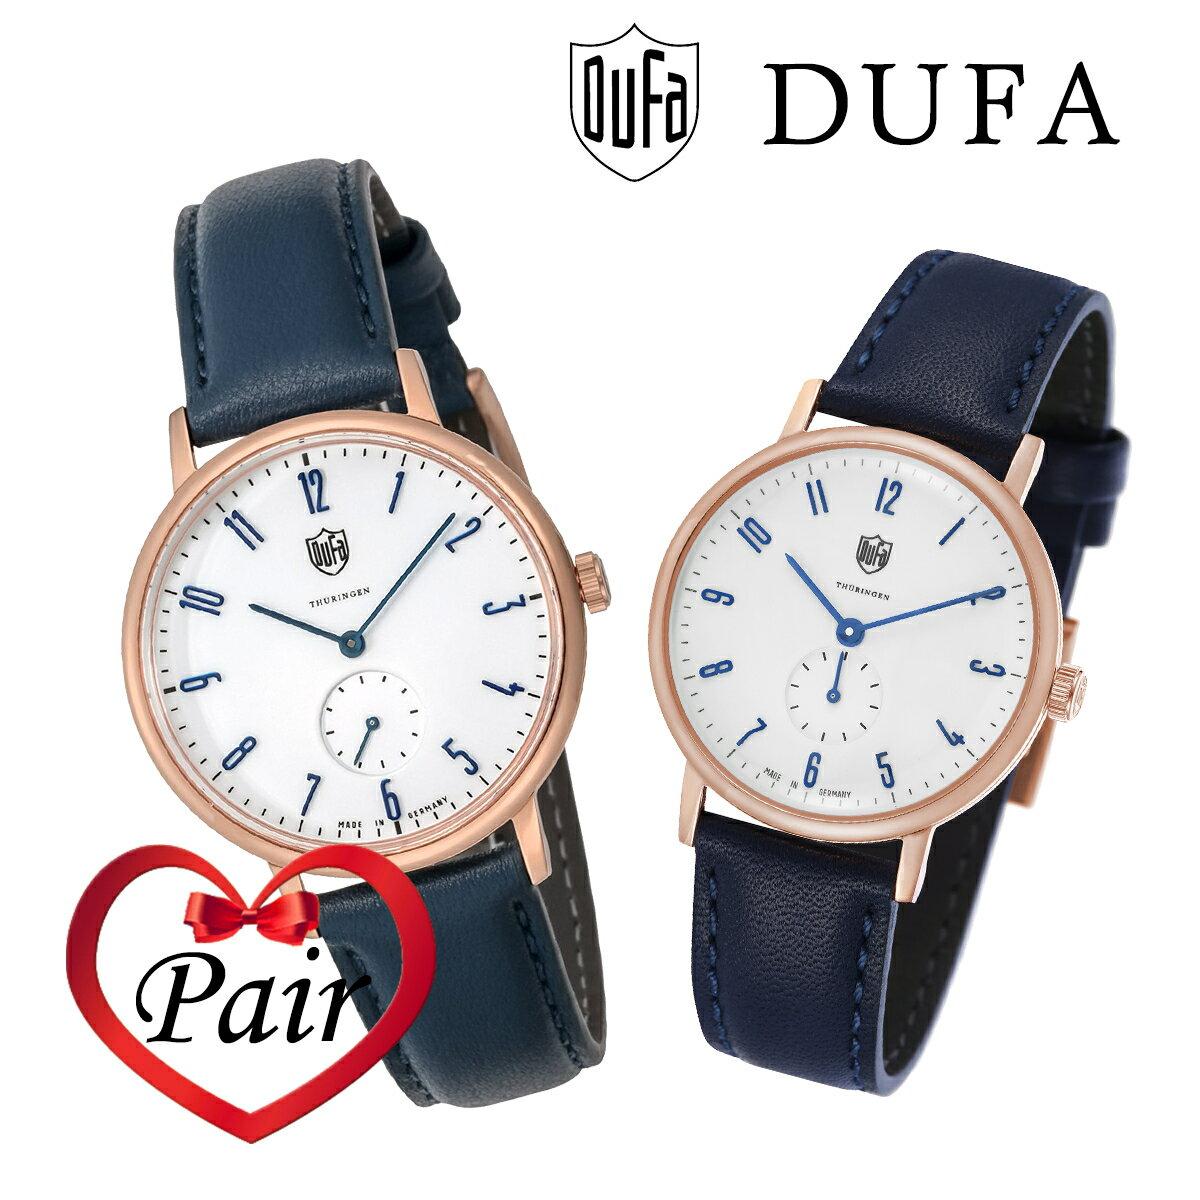 DUFA ドゥッファ ペアウォッチ DF-7001-0L DF-9001-0L プレゼント 贈り物 腕時計 [あす楽]